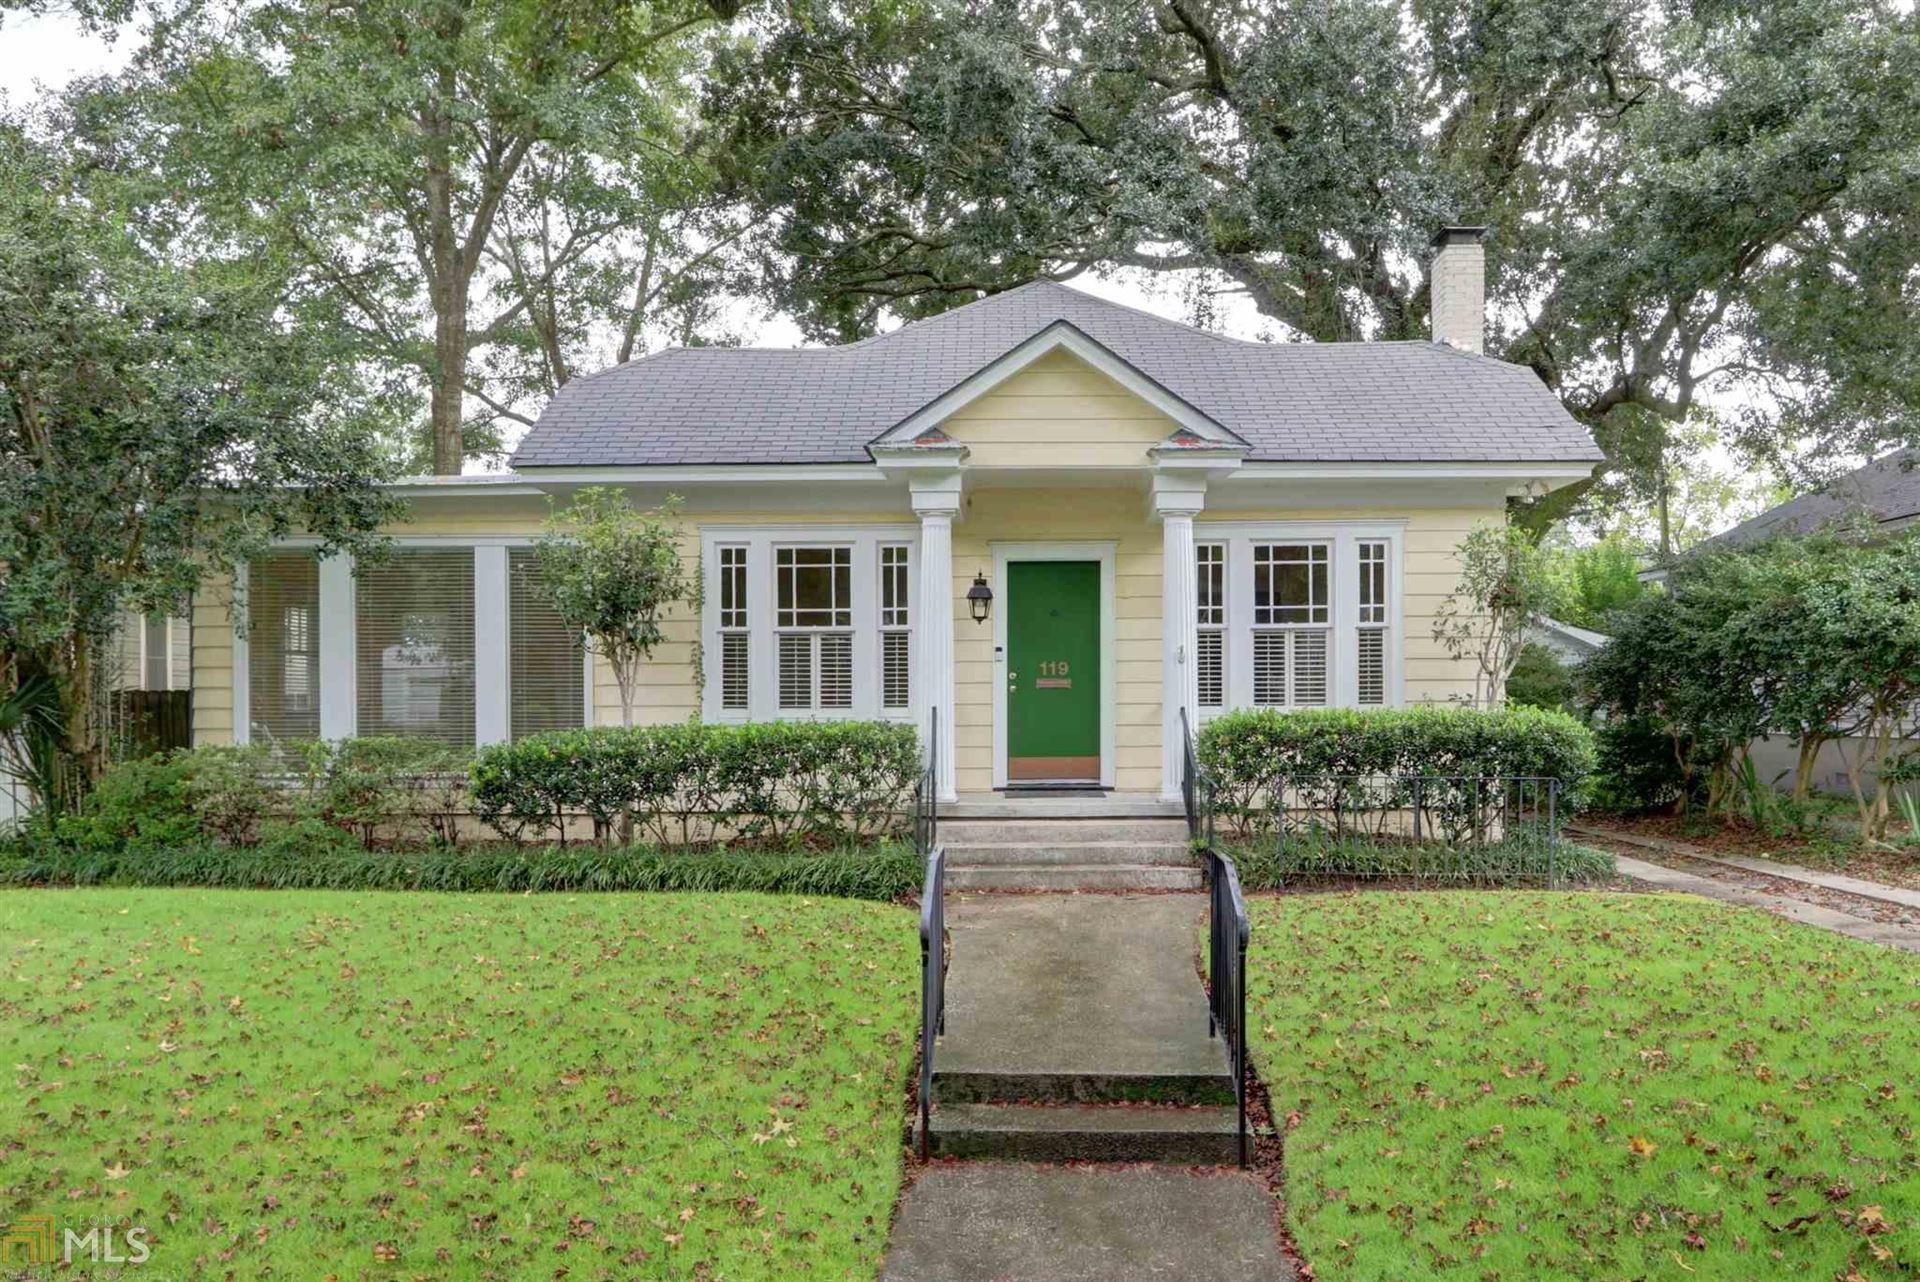 119 E 53Rd St, Savannah, GA 31405 - MLS#: 8849456